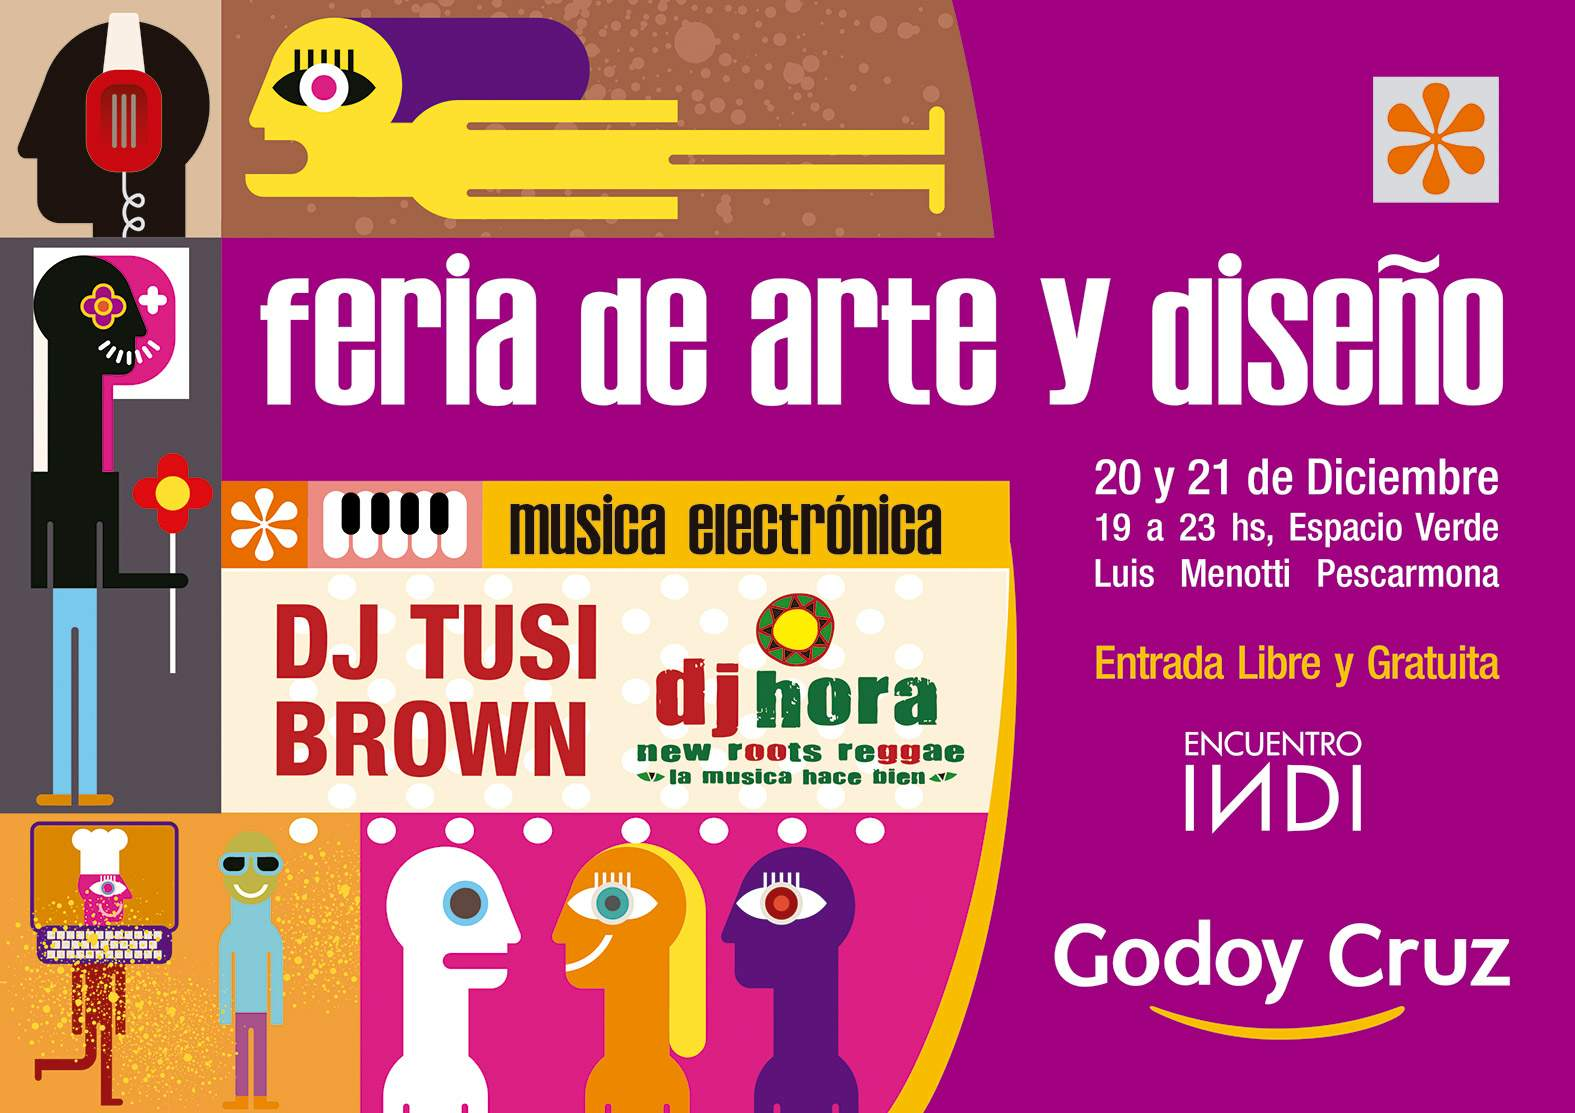 Todos Los Regalos De Navidad En La Feria De Arte Y Dise O Godoy Cruz # Muebles Godoy Cruz